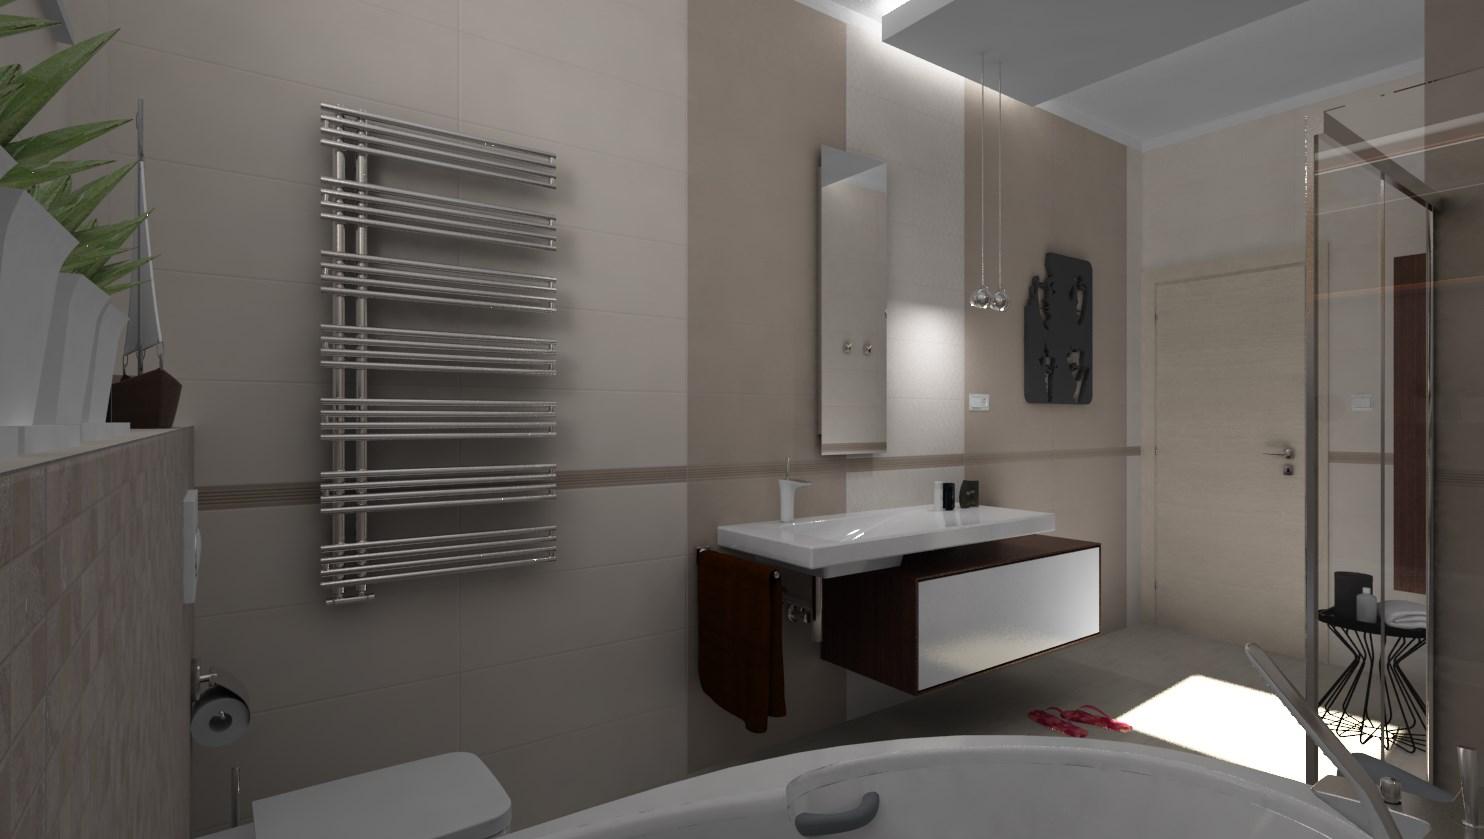 Vizualizácie kúpeľne - Návrh kúpeľne Ivory & Toffee 25x75 - www.modernekupelne.sk/navrhy-kupelni